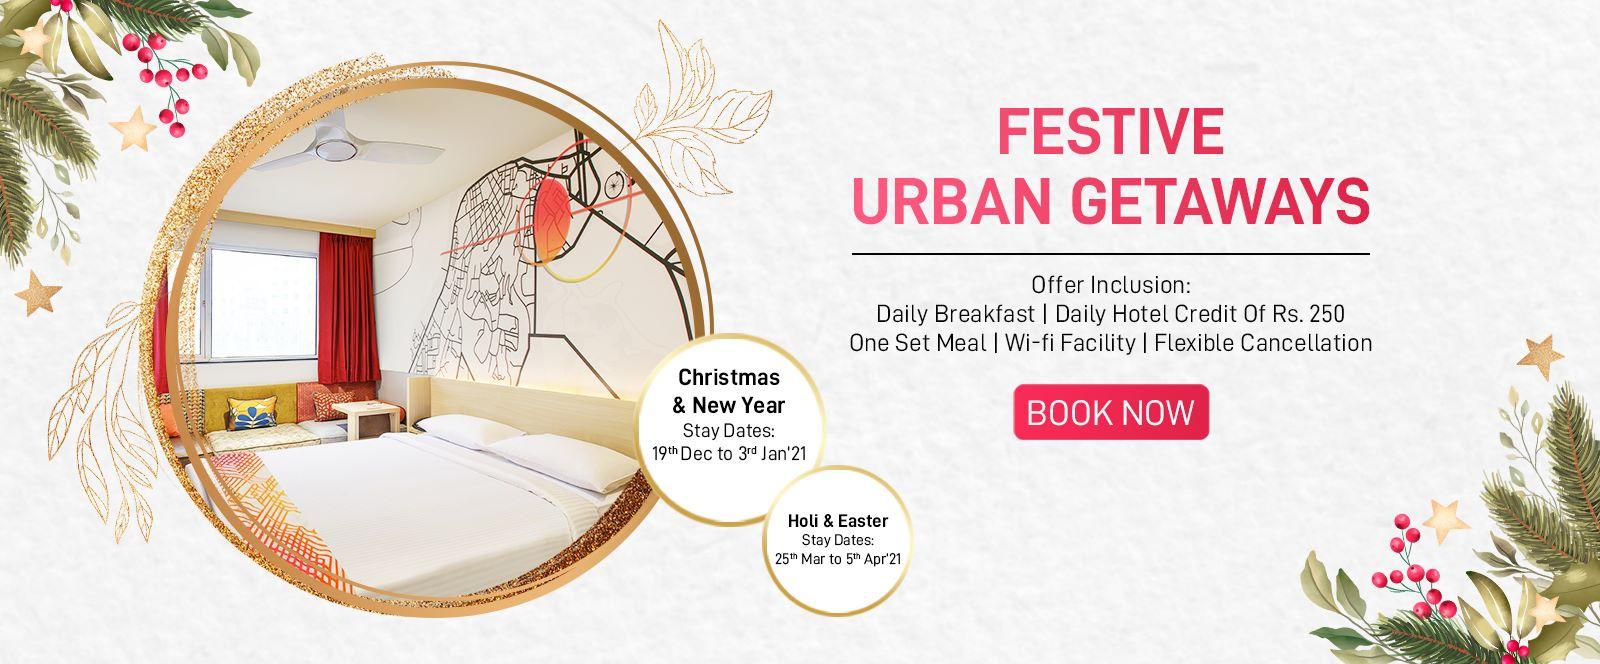 Festive Urban Getaways